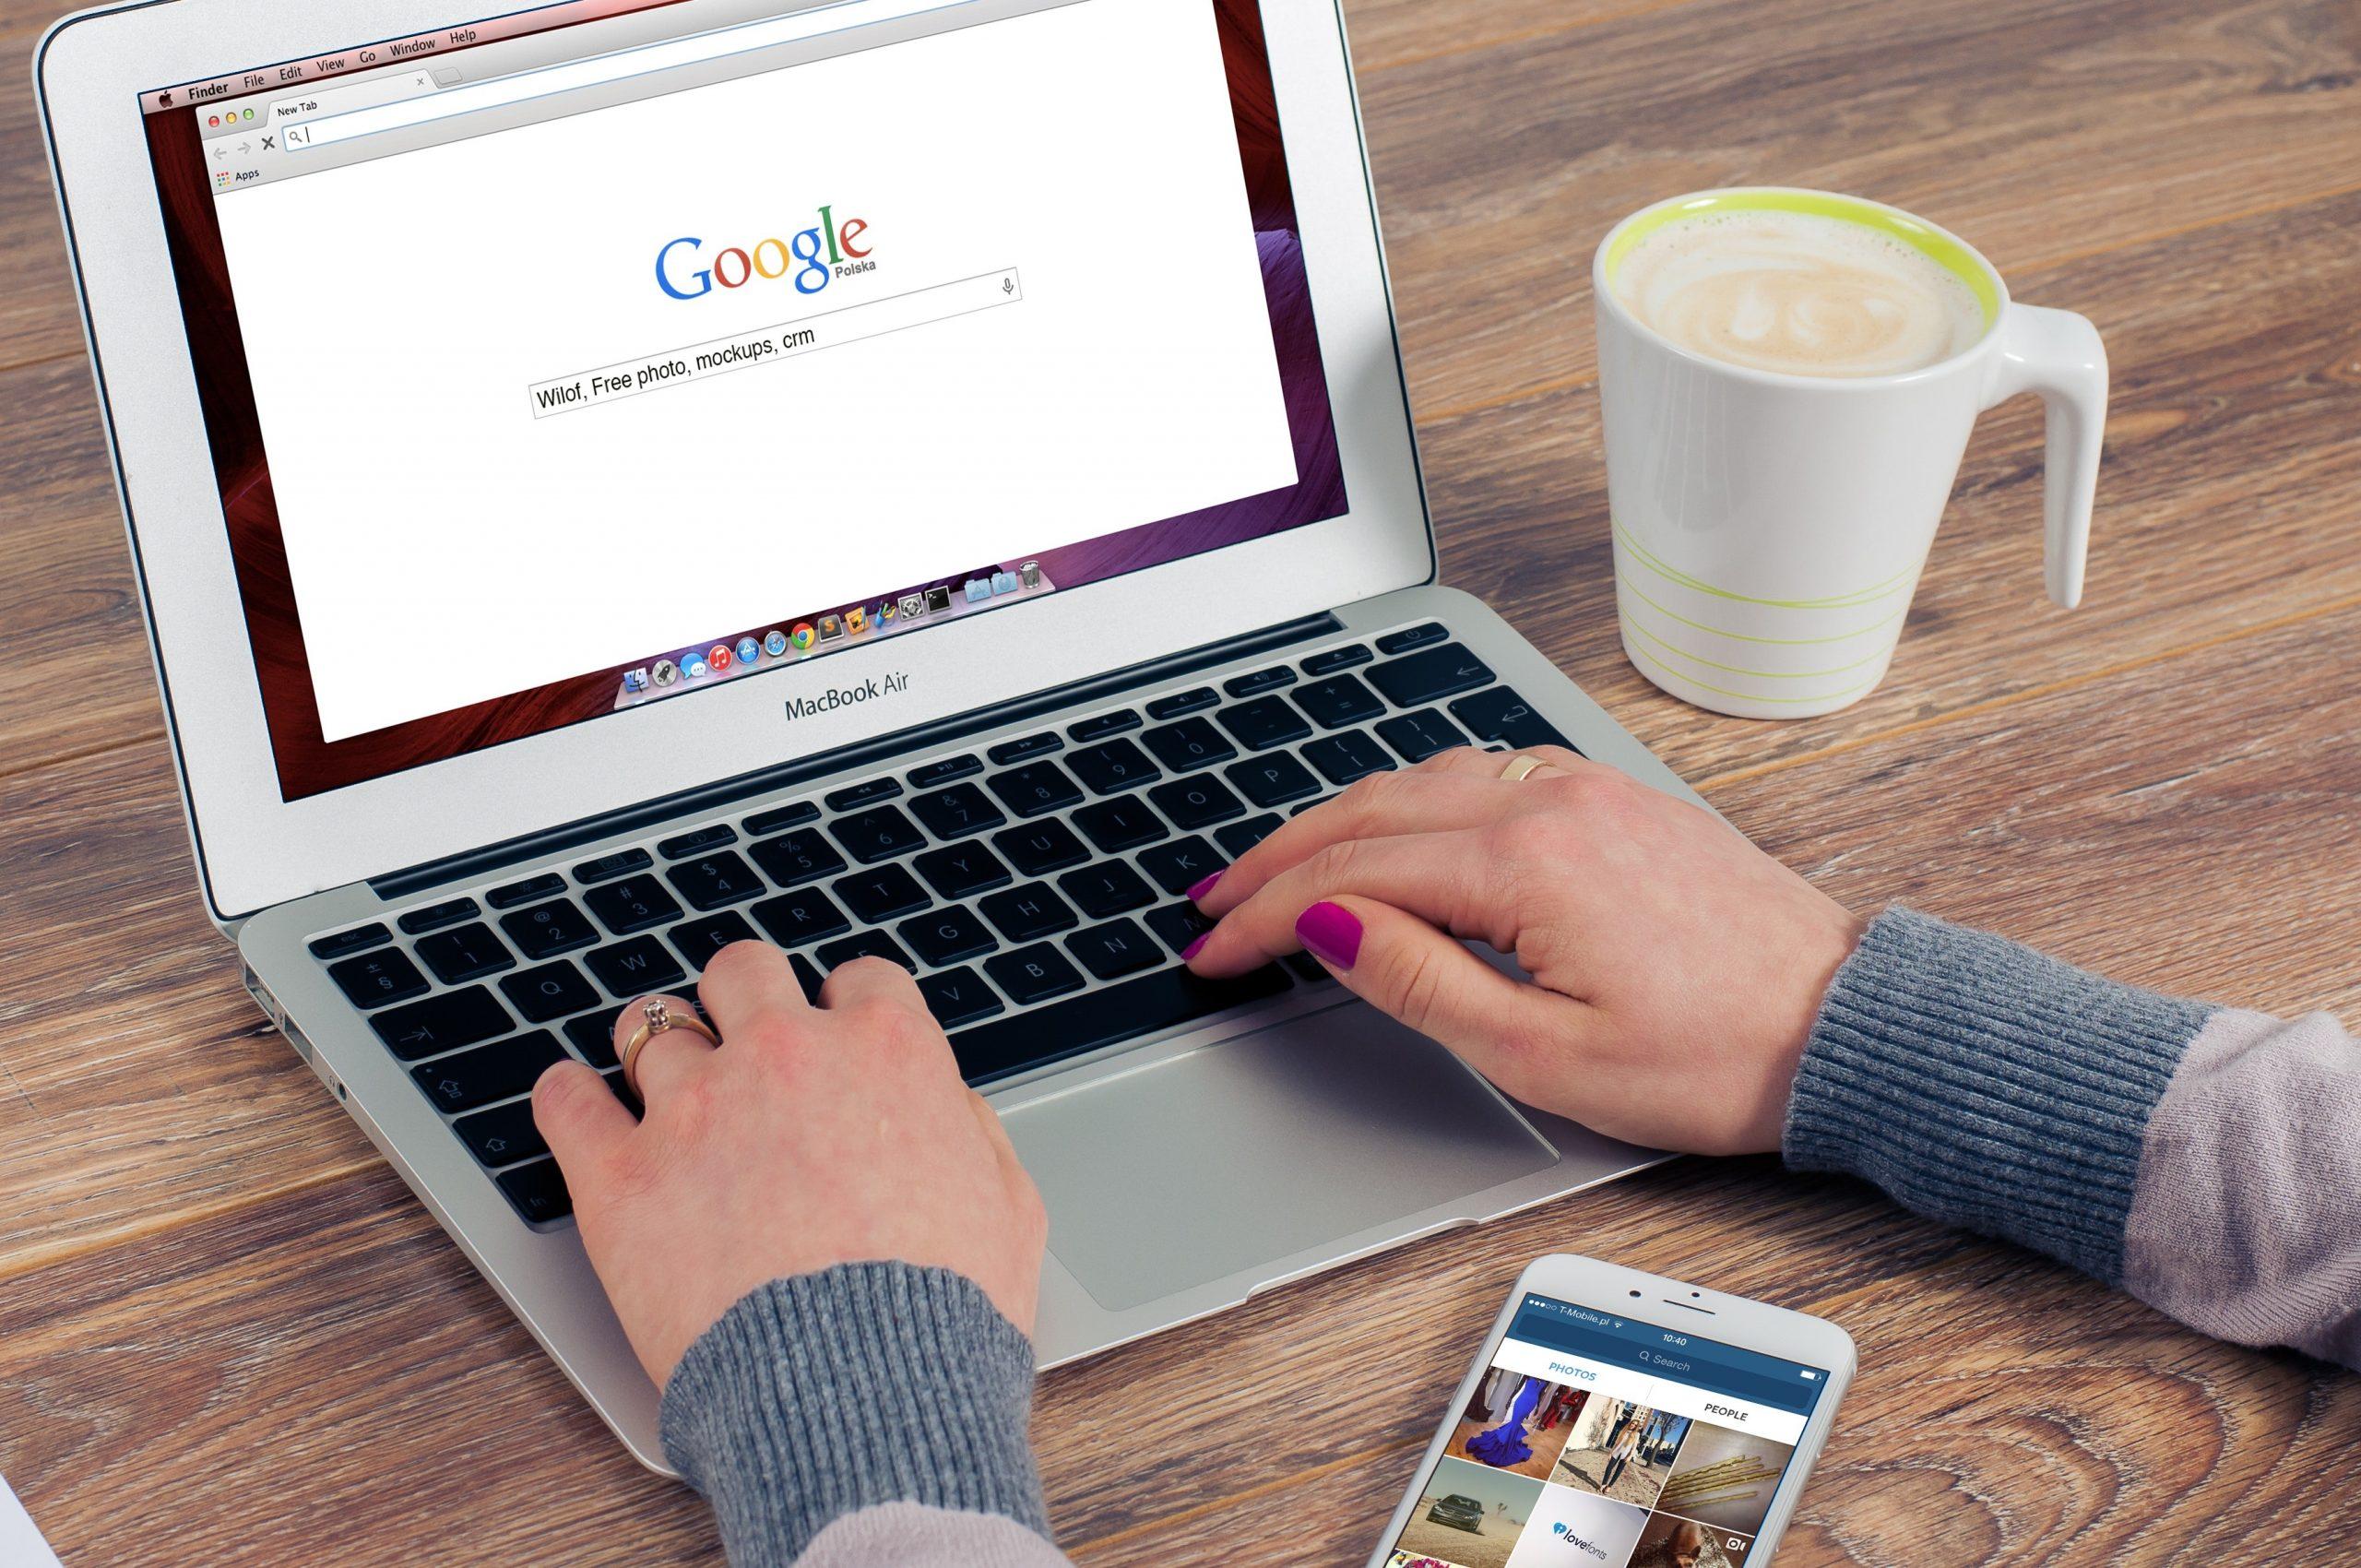 Cerca de 100 bilhões de buscas são realizadas no Google todo mês